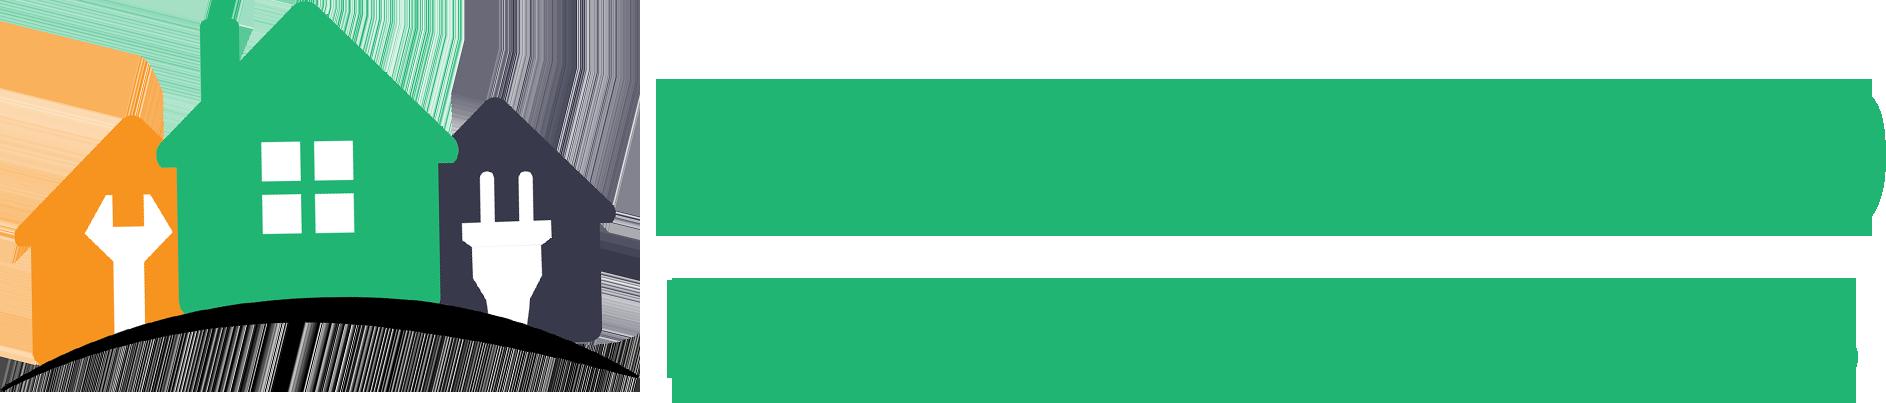 D & P Slegg Ltd logo